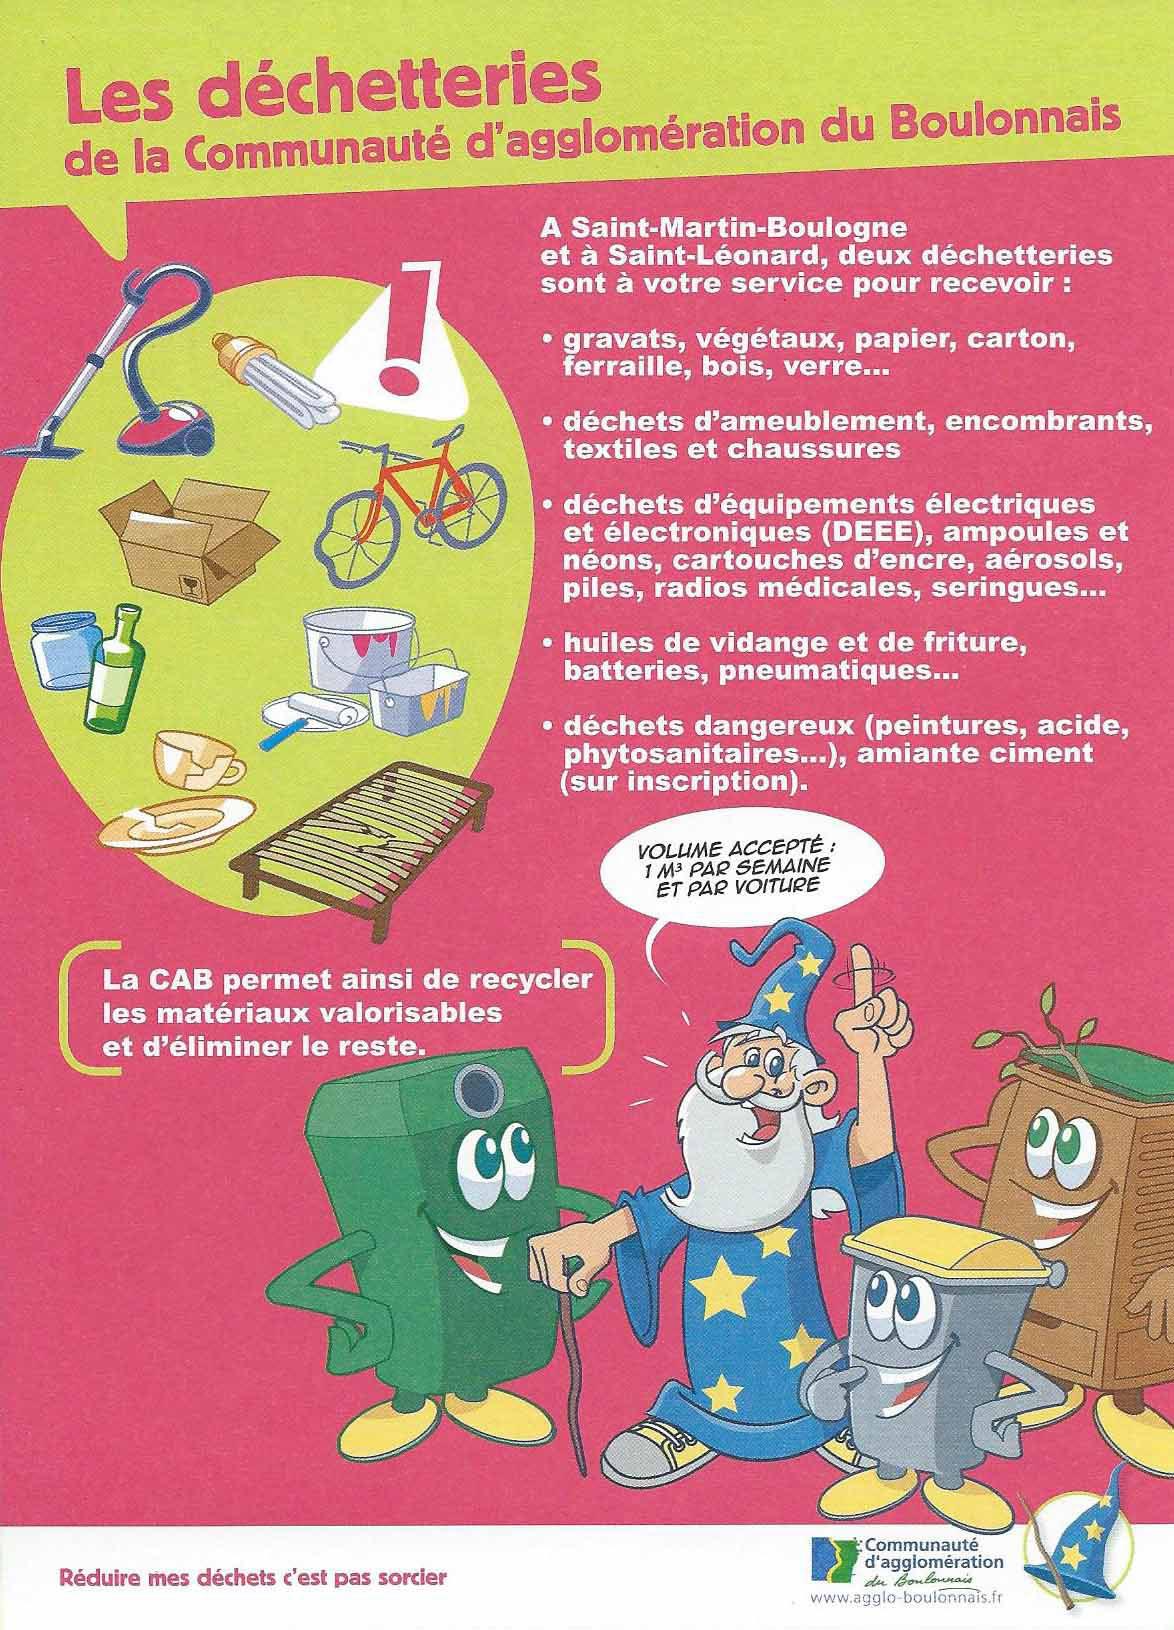 Mairie de Saint-Léonard - infos dechets